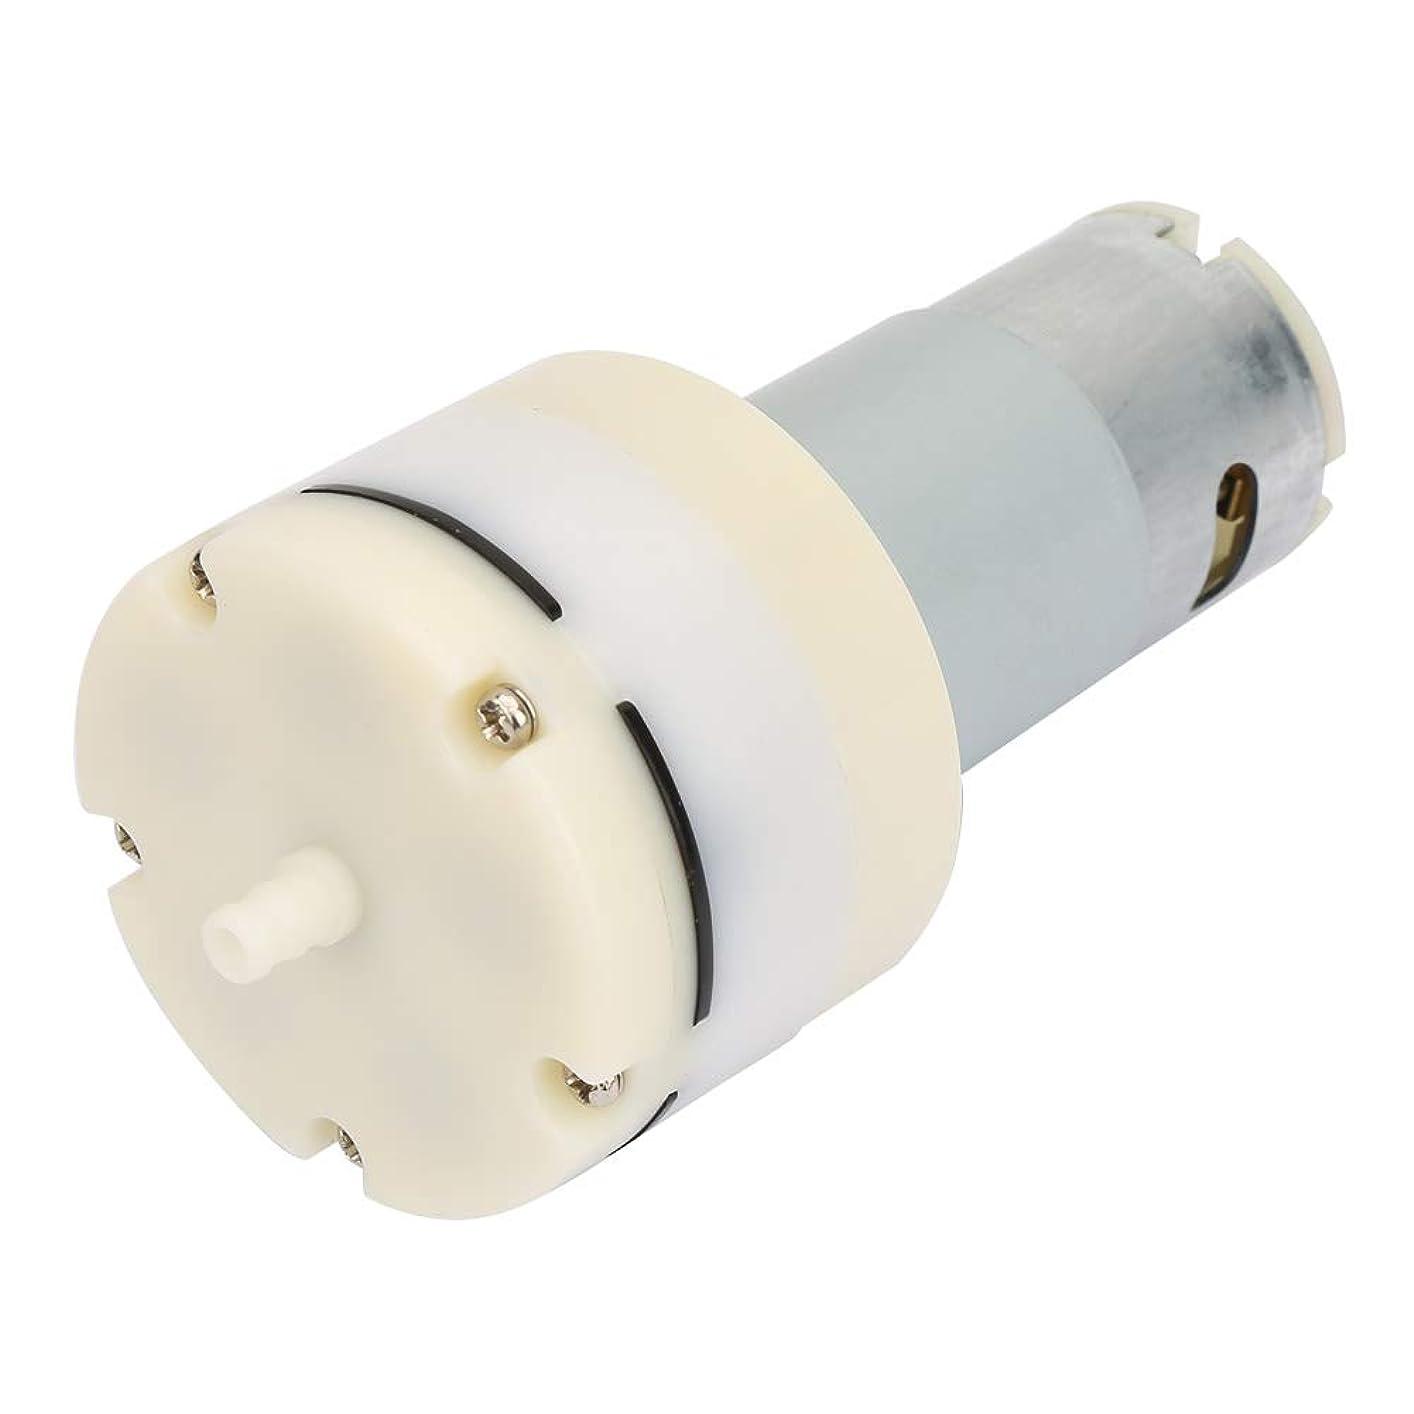 ボックス昆虫を見るロデオDC12V マイクロ真空ポンプ 電気ポンプ ミニエアポンプポンプ 12L /分 各種場合に対応